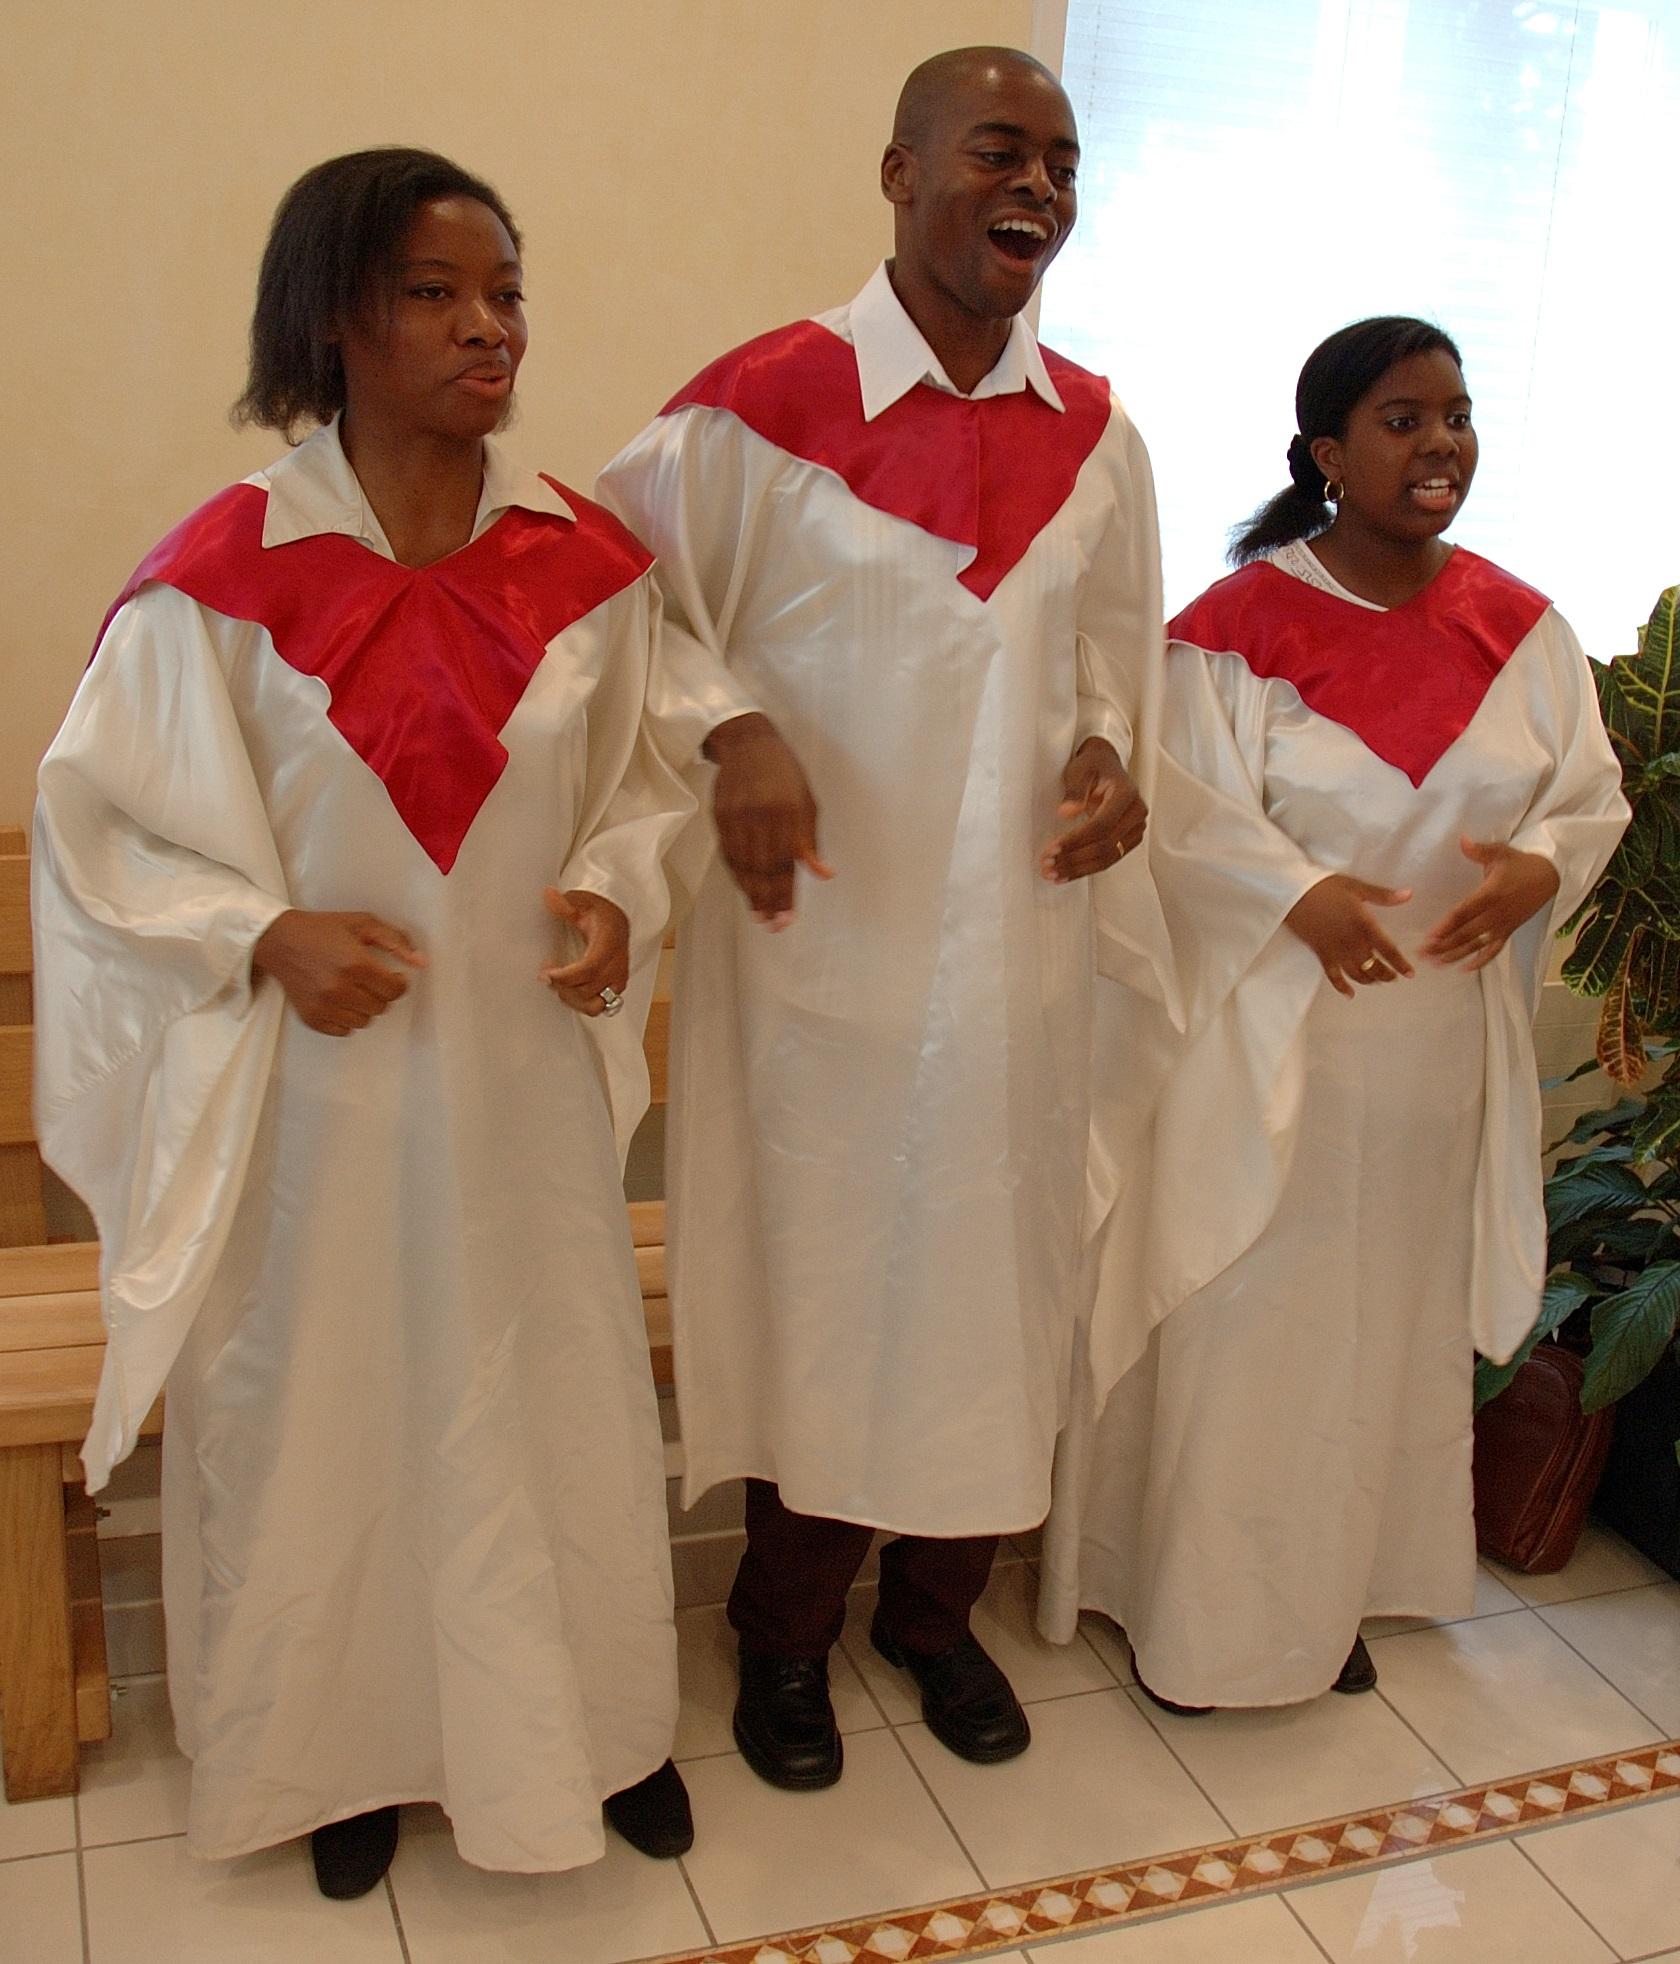 chorale gospel pour mariage - Chorale Gospel Pour Mariage